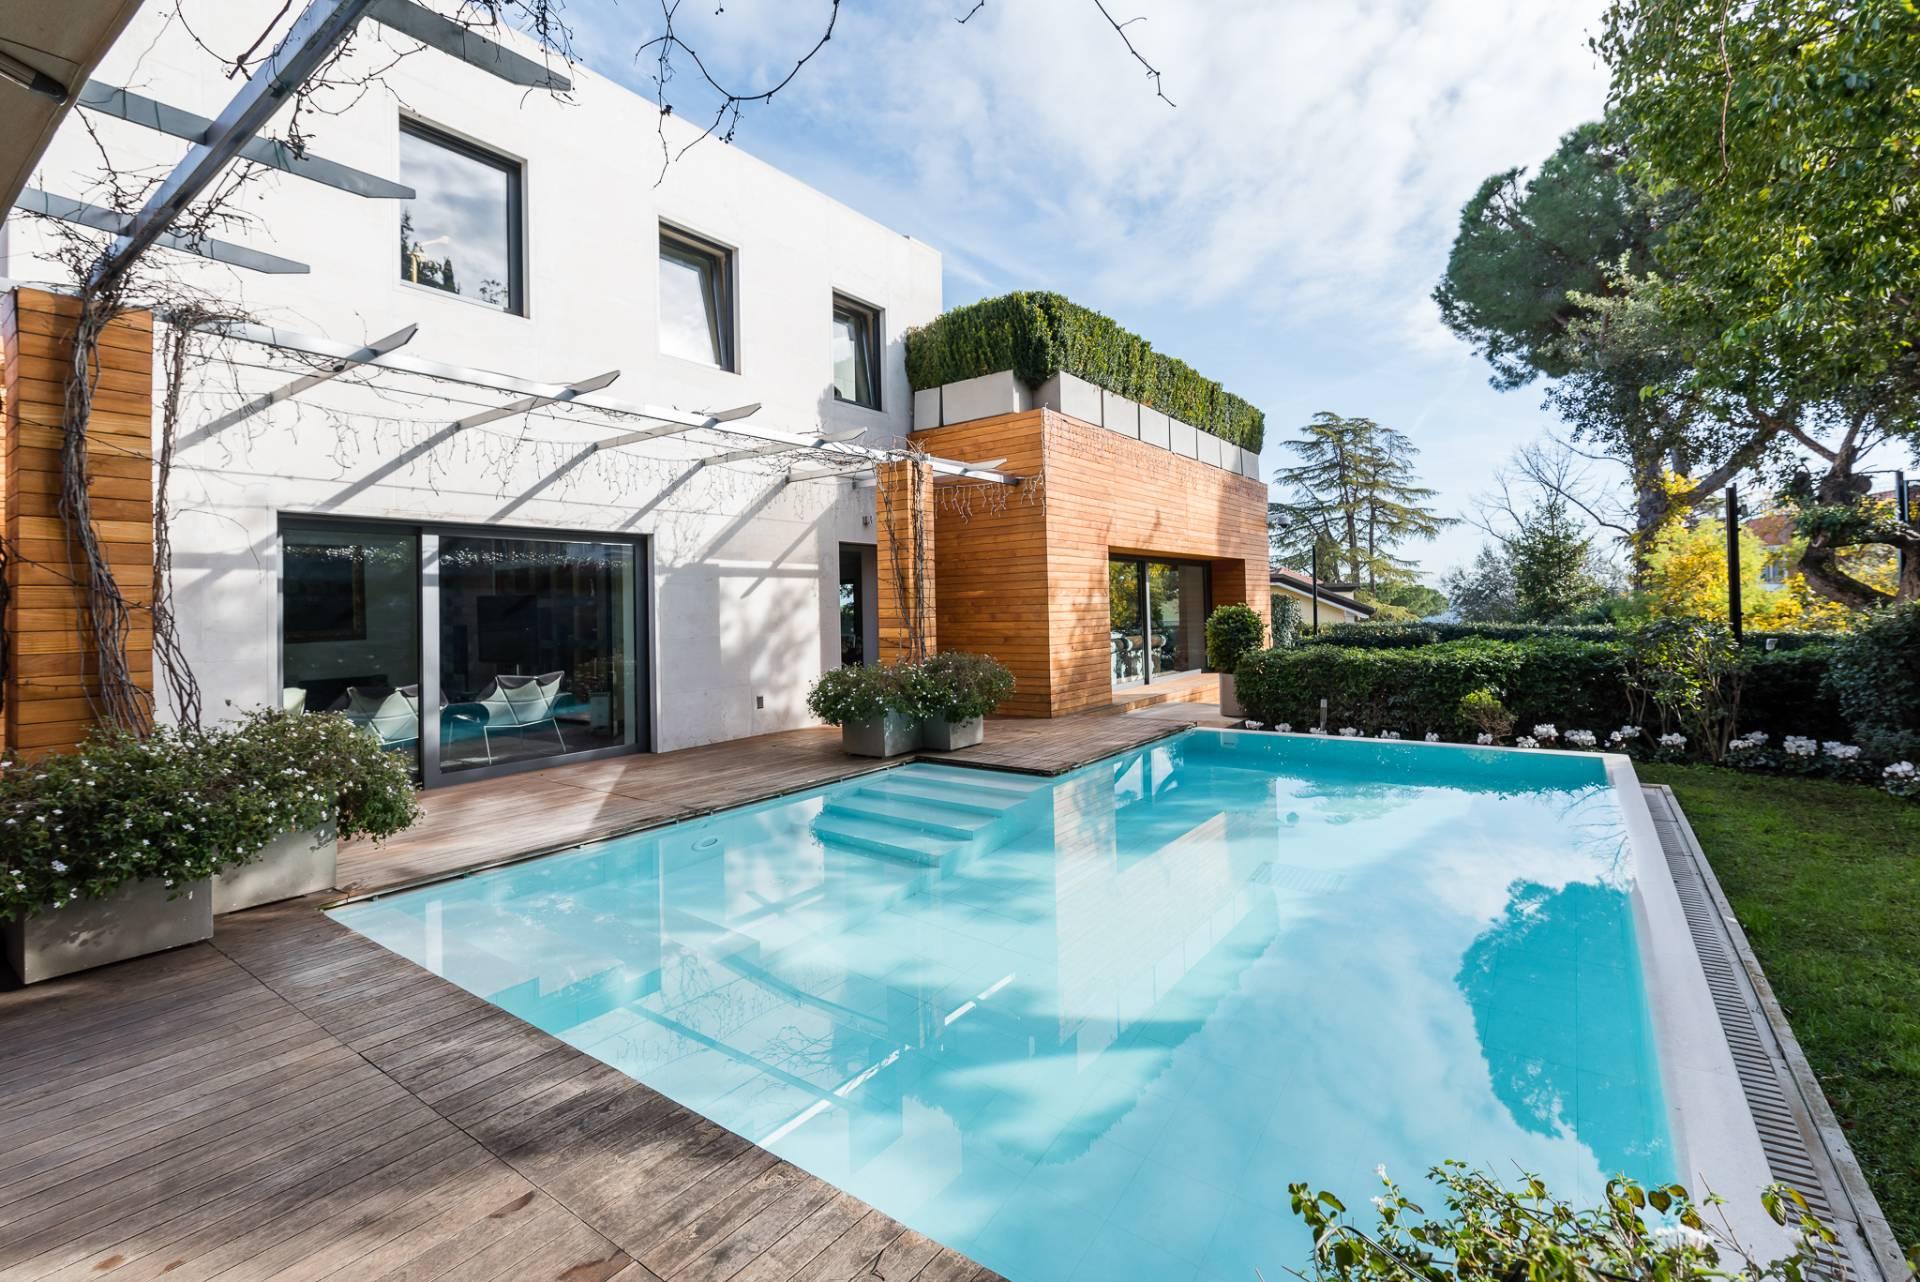 Villa in Vendita a Roma via dei colli della farnesina